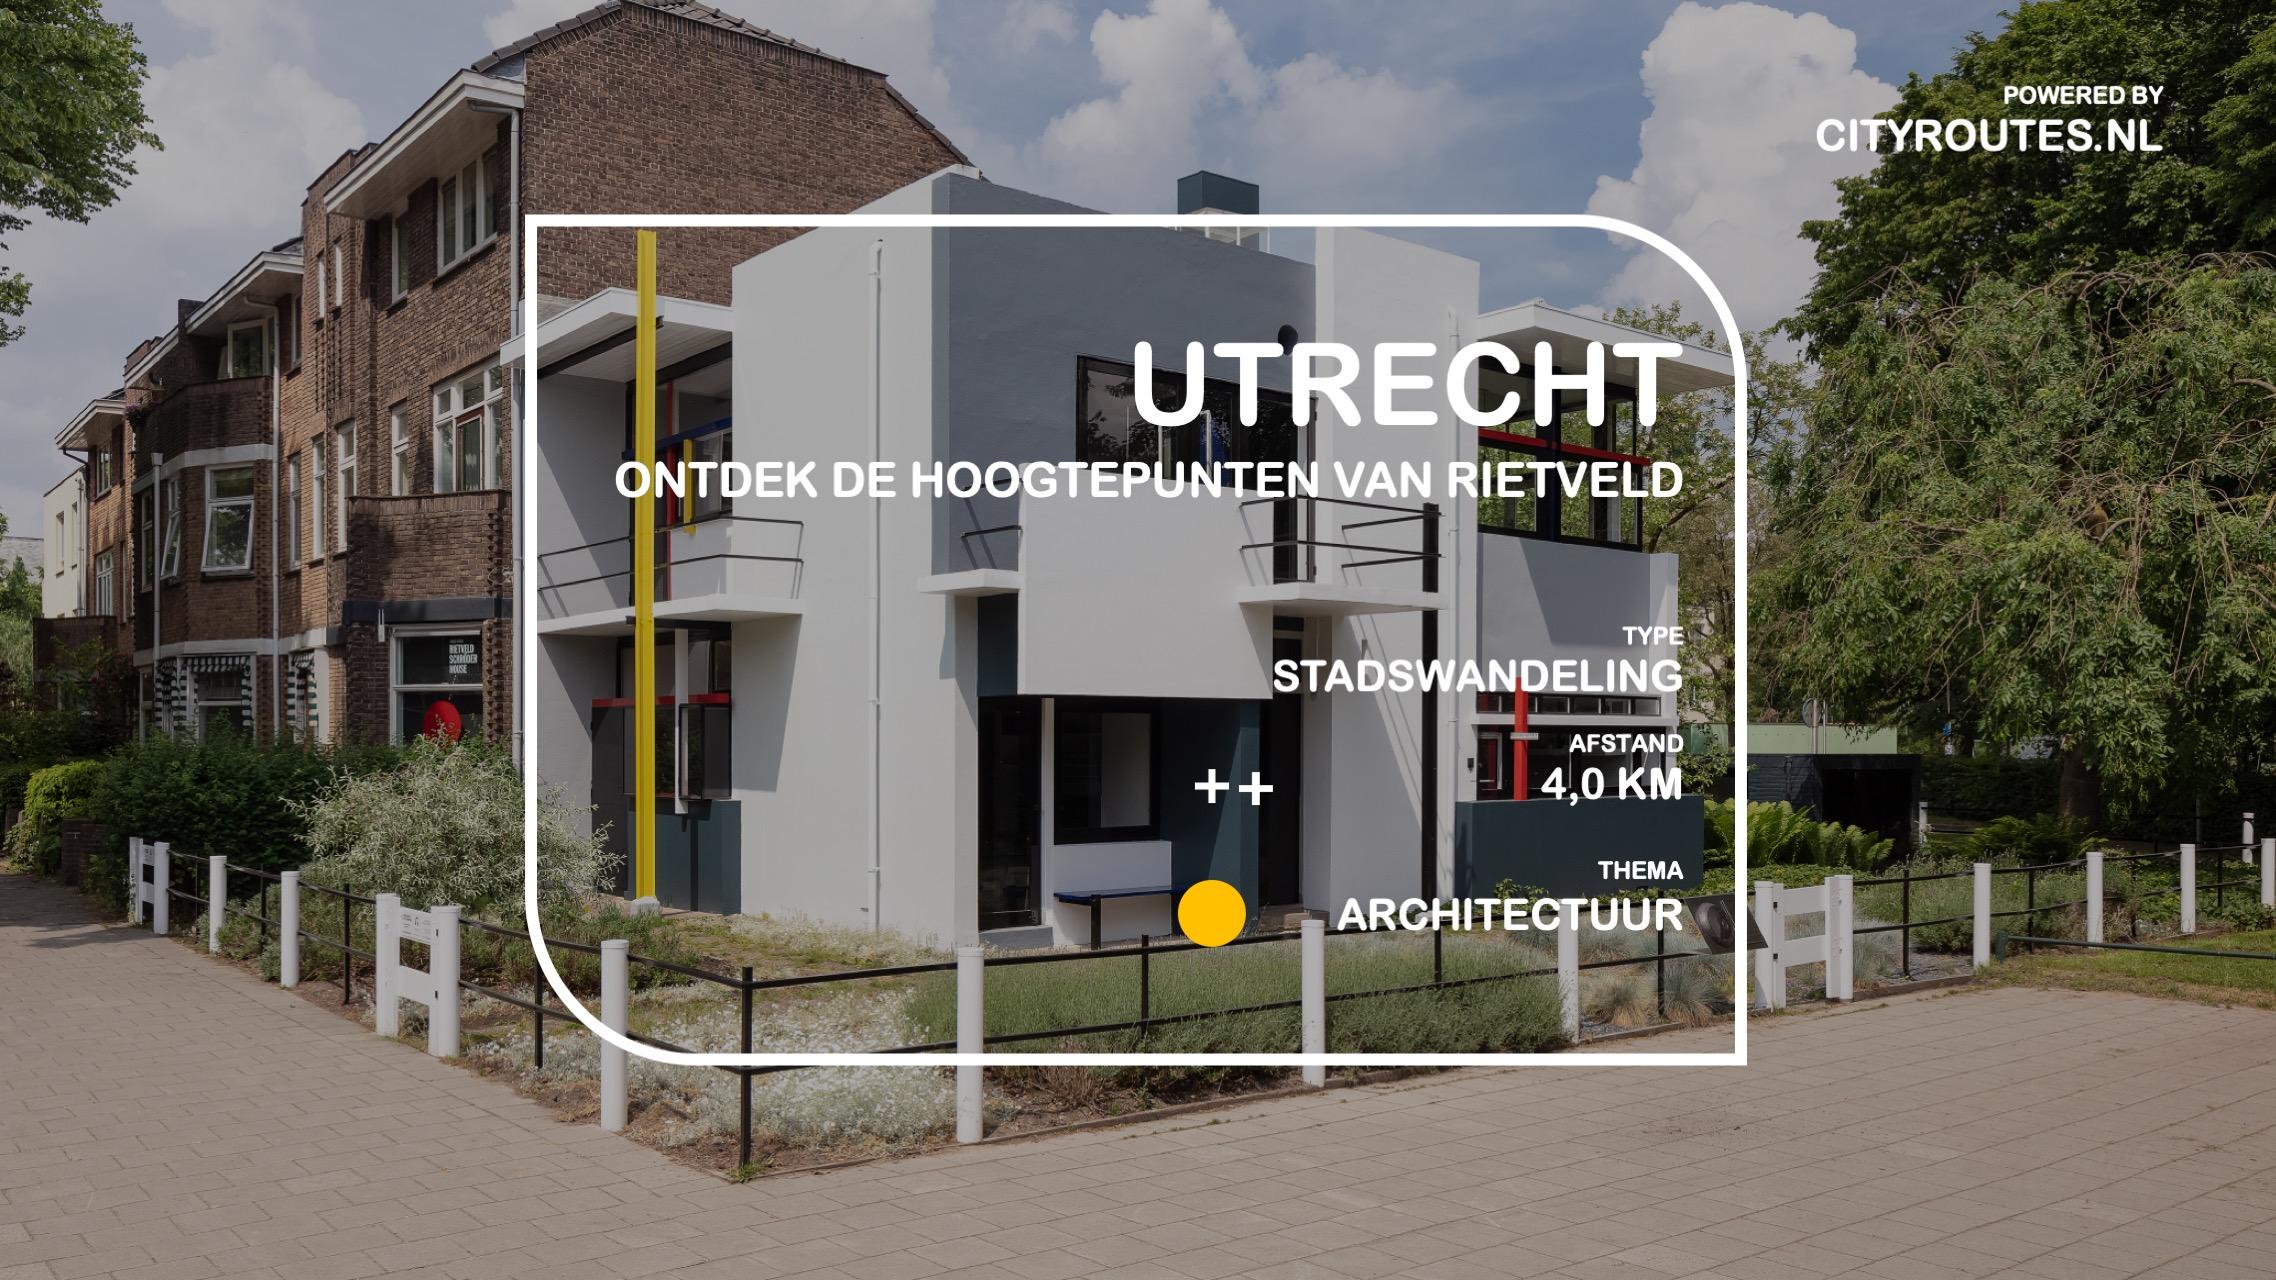 Gratis stadswandeling Utrecht Rietveld Cityroutes